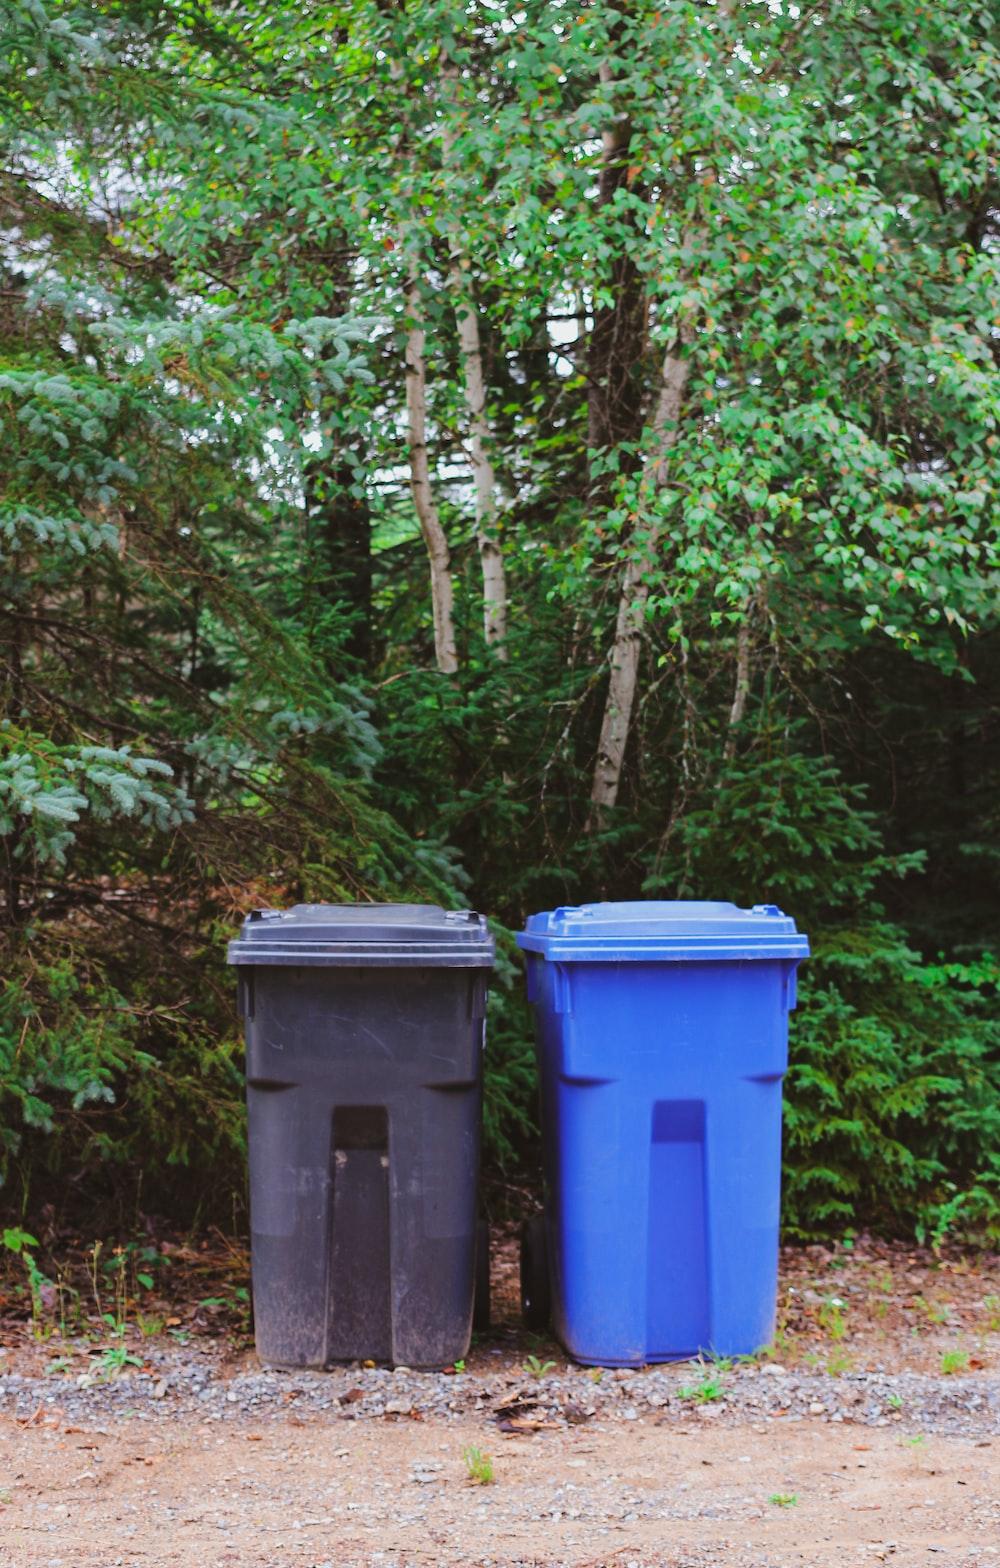 green and blue trash bins